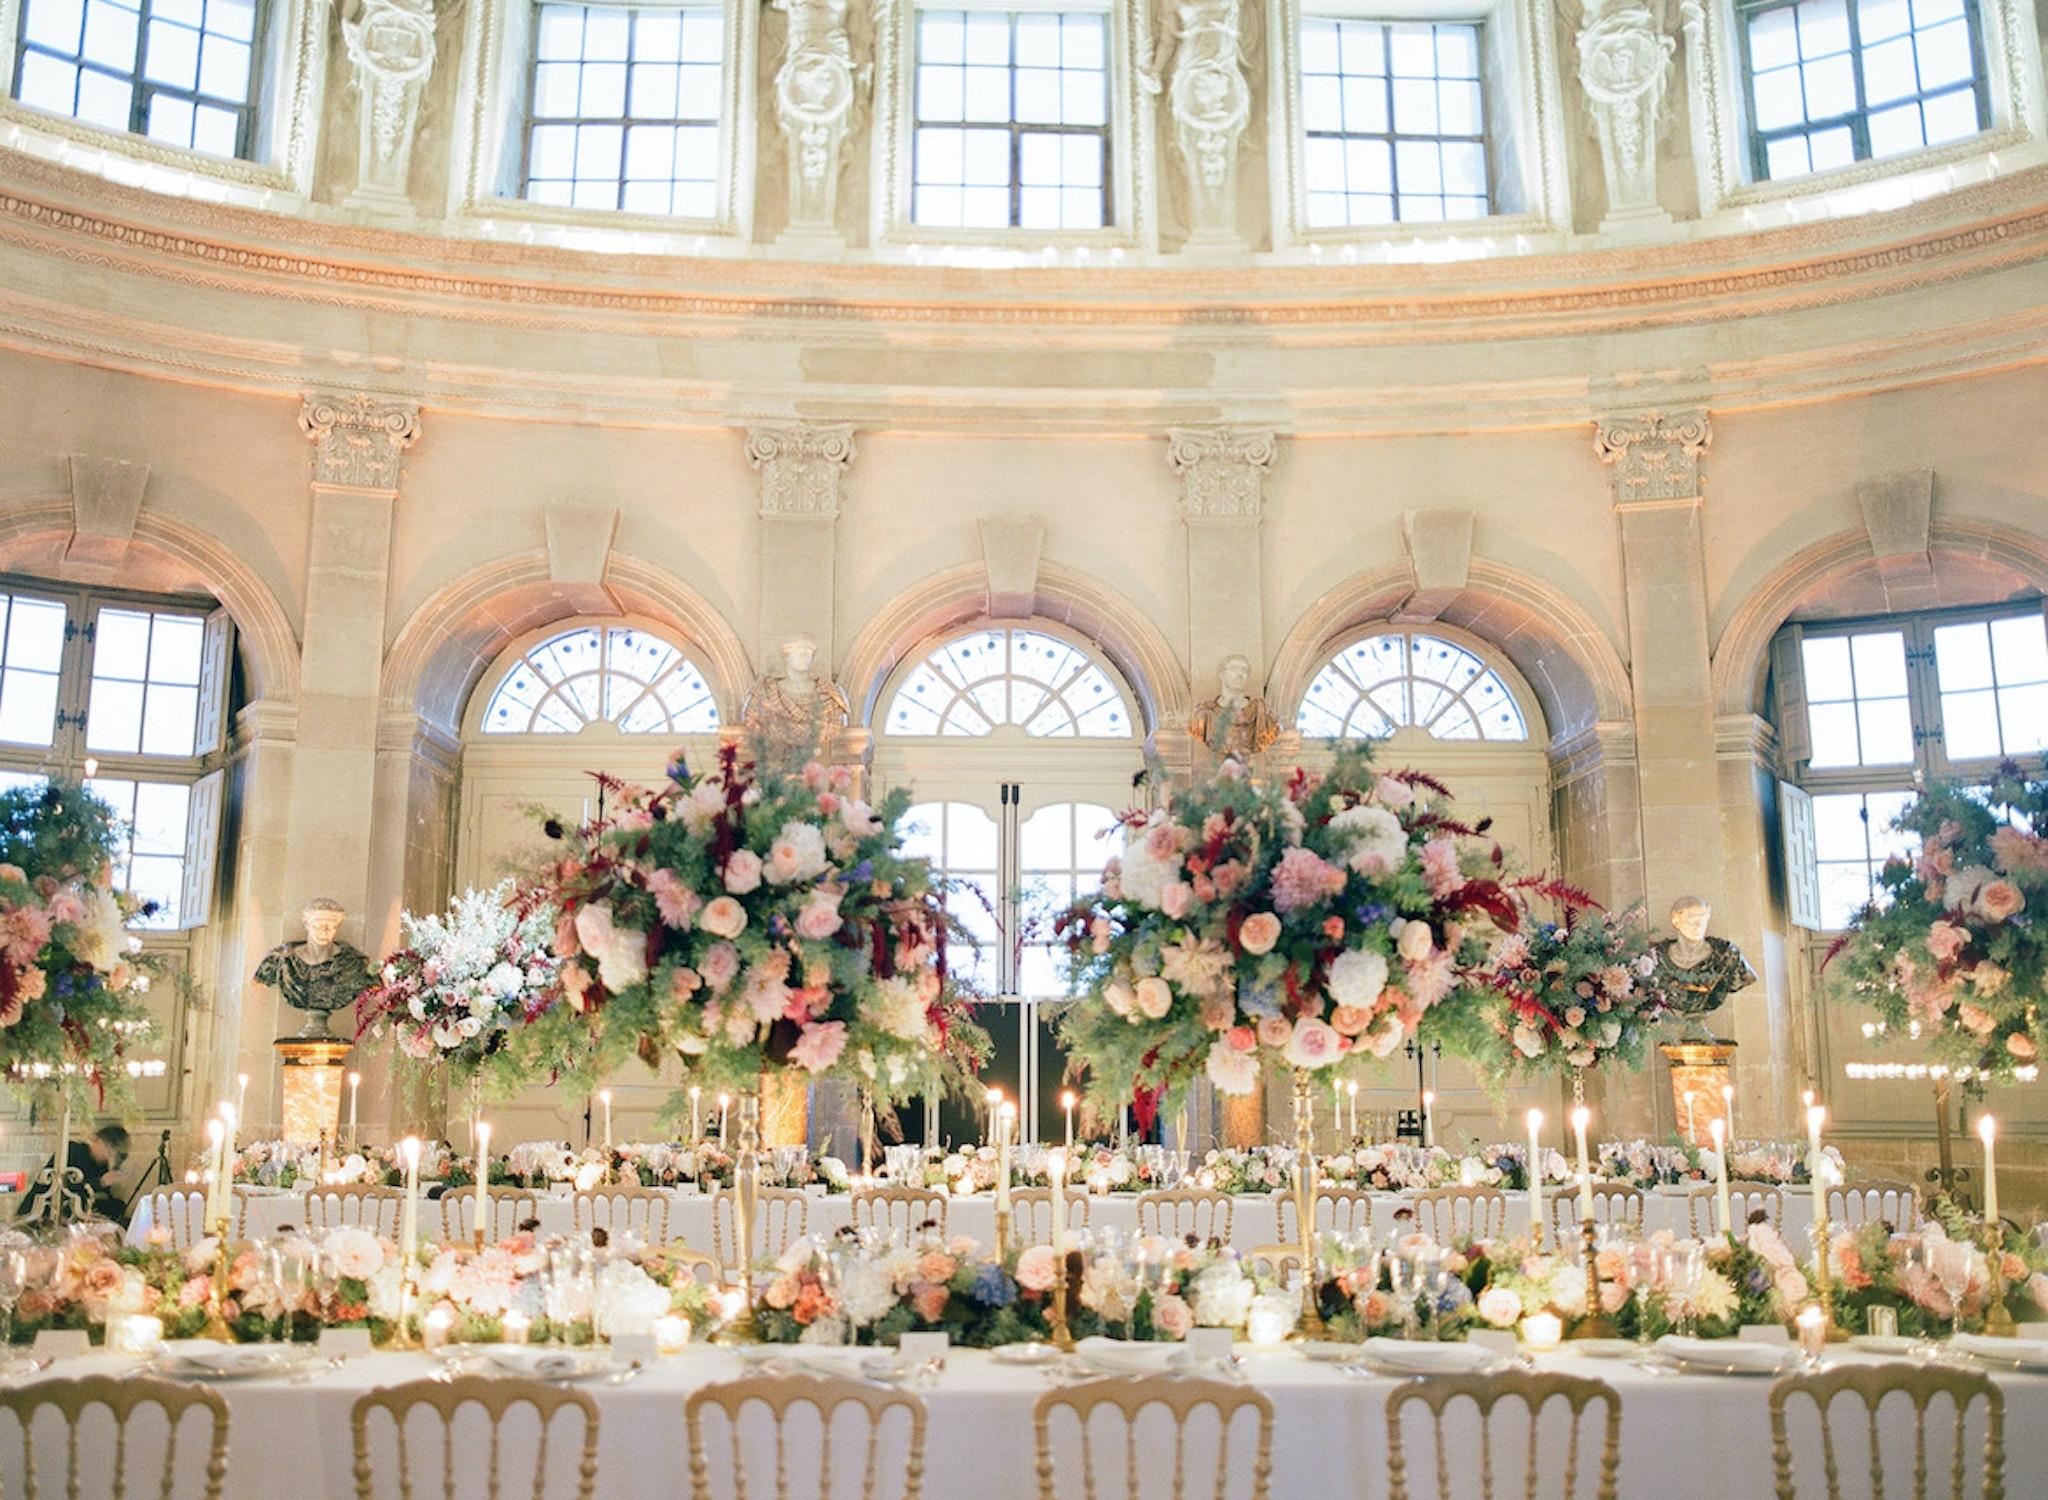 Vaux le Vicomte wedding reception